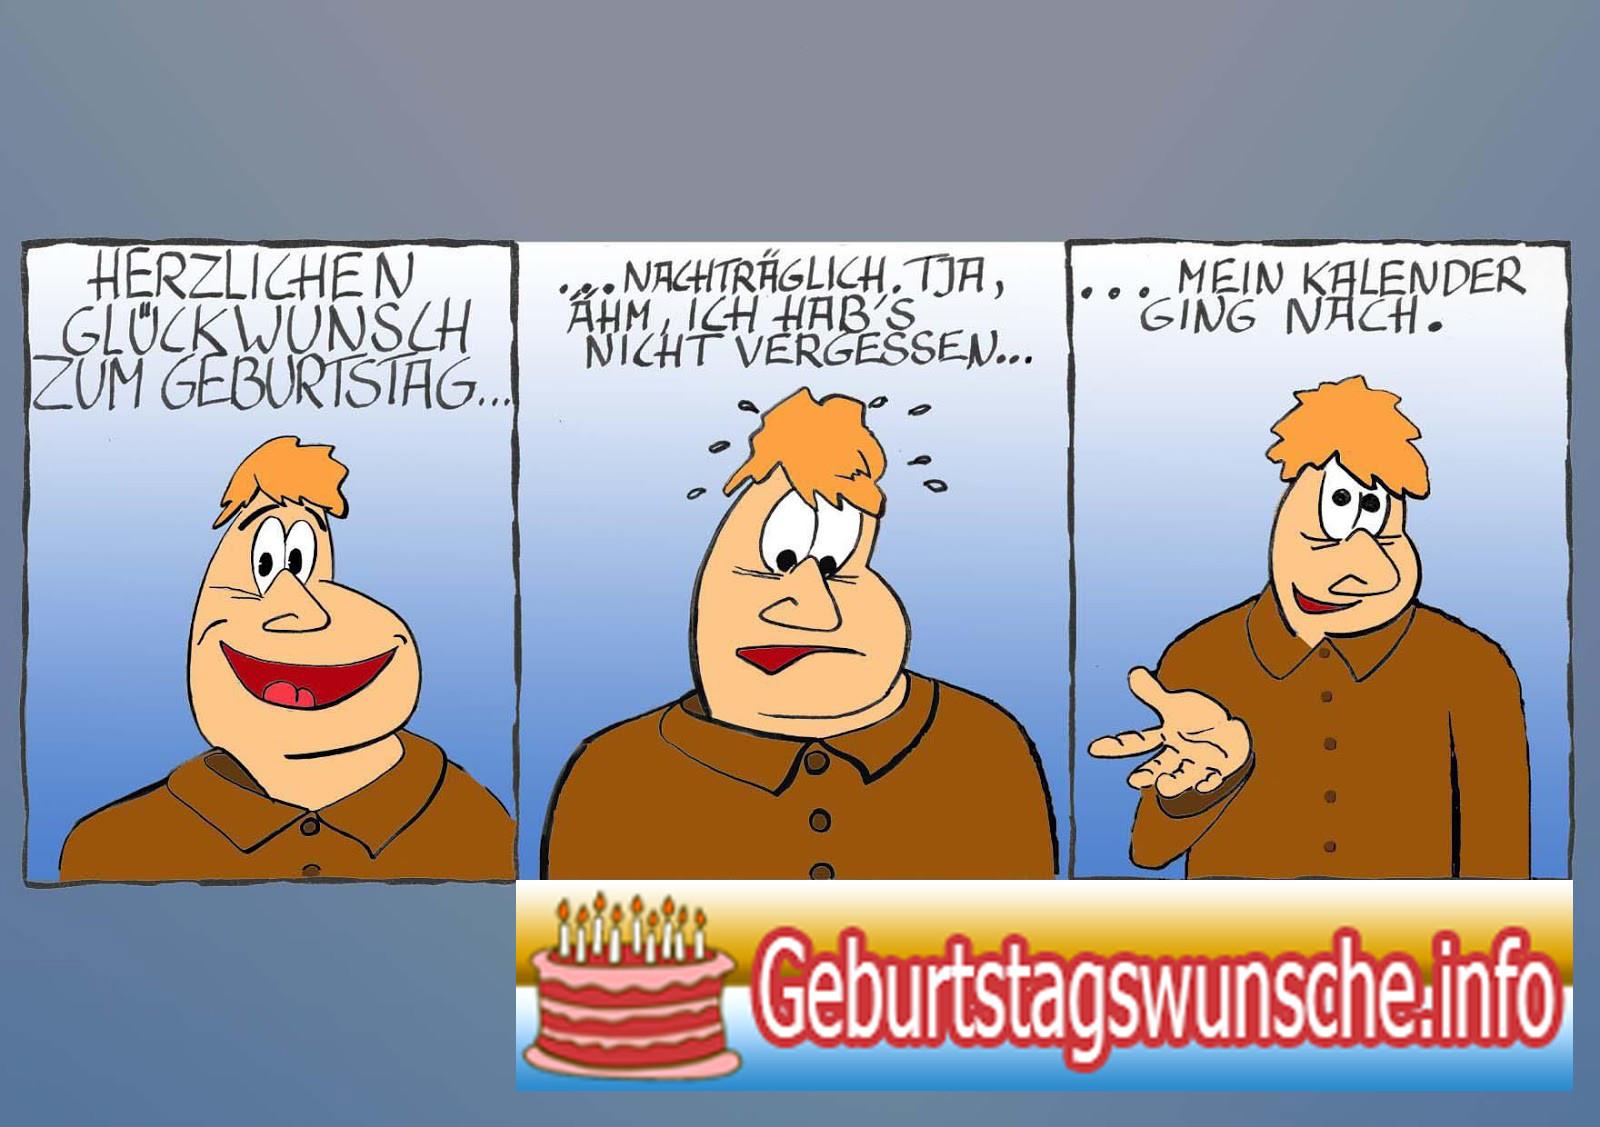 Geburtstagswünsche An Chef  Geburtstagssprüche für den Chef Wünsche zum Geburtstag